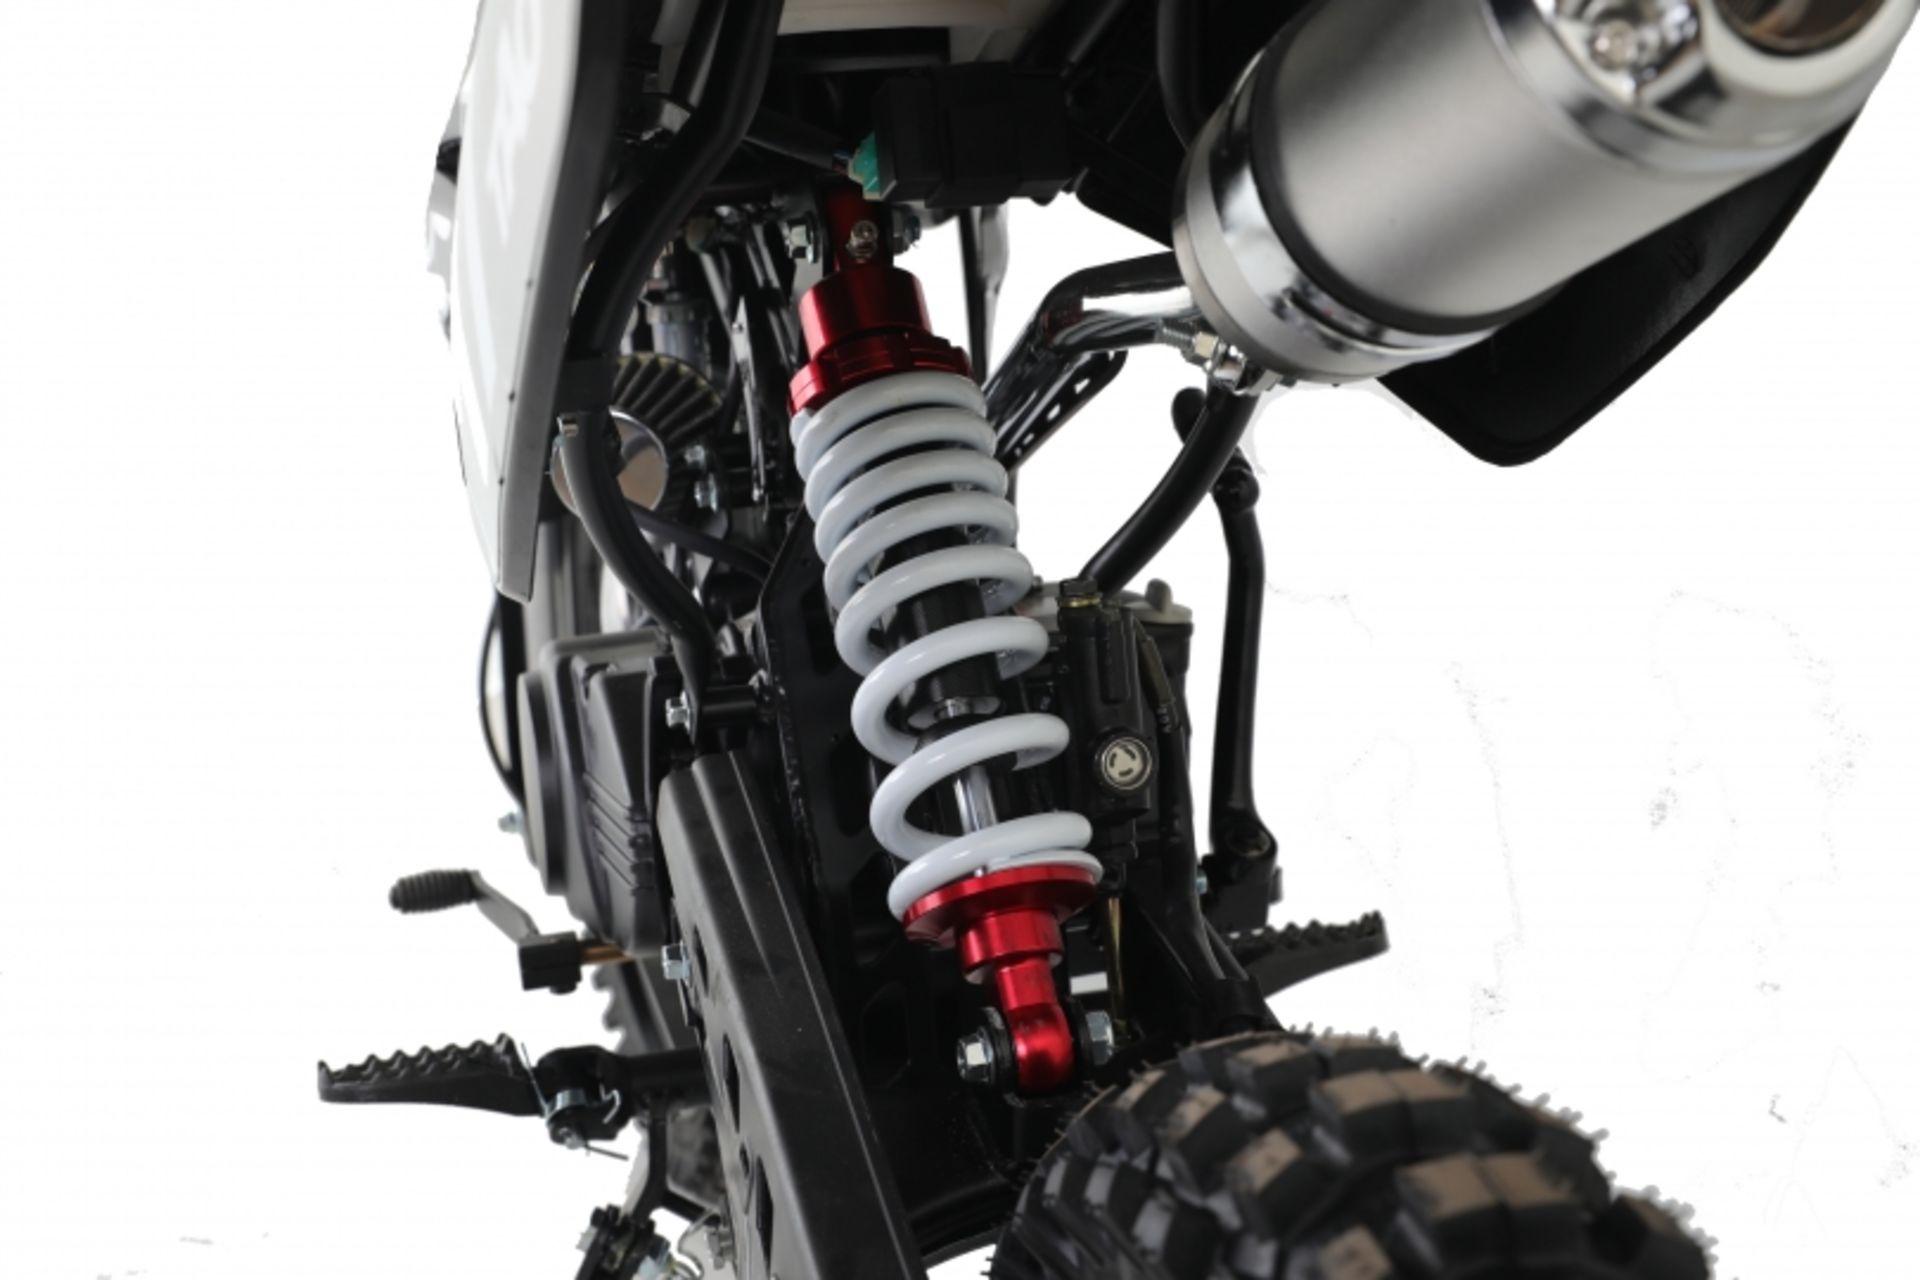 Lot 23525 - V Brand New 125cc USA Motocross Dirt Bike - Kick Start - Air Cooled - 4 Stroke - Full Suspension -